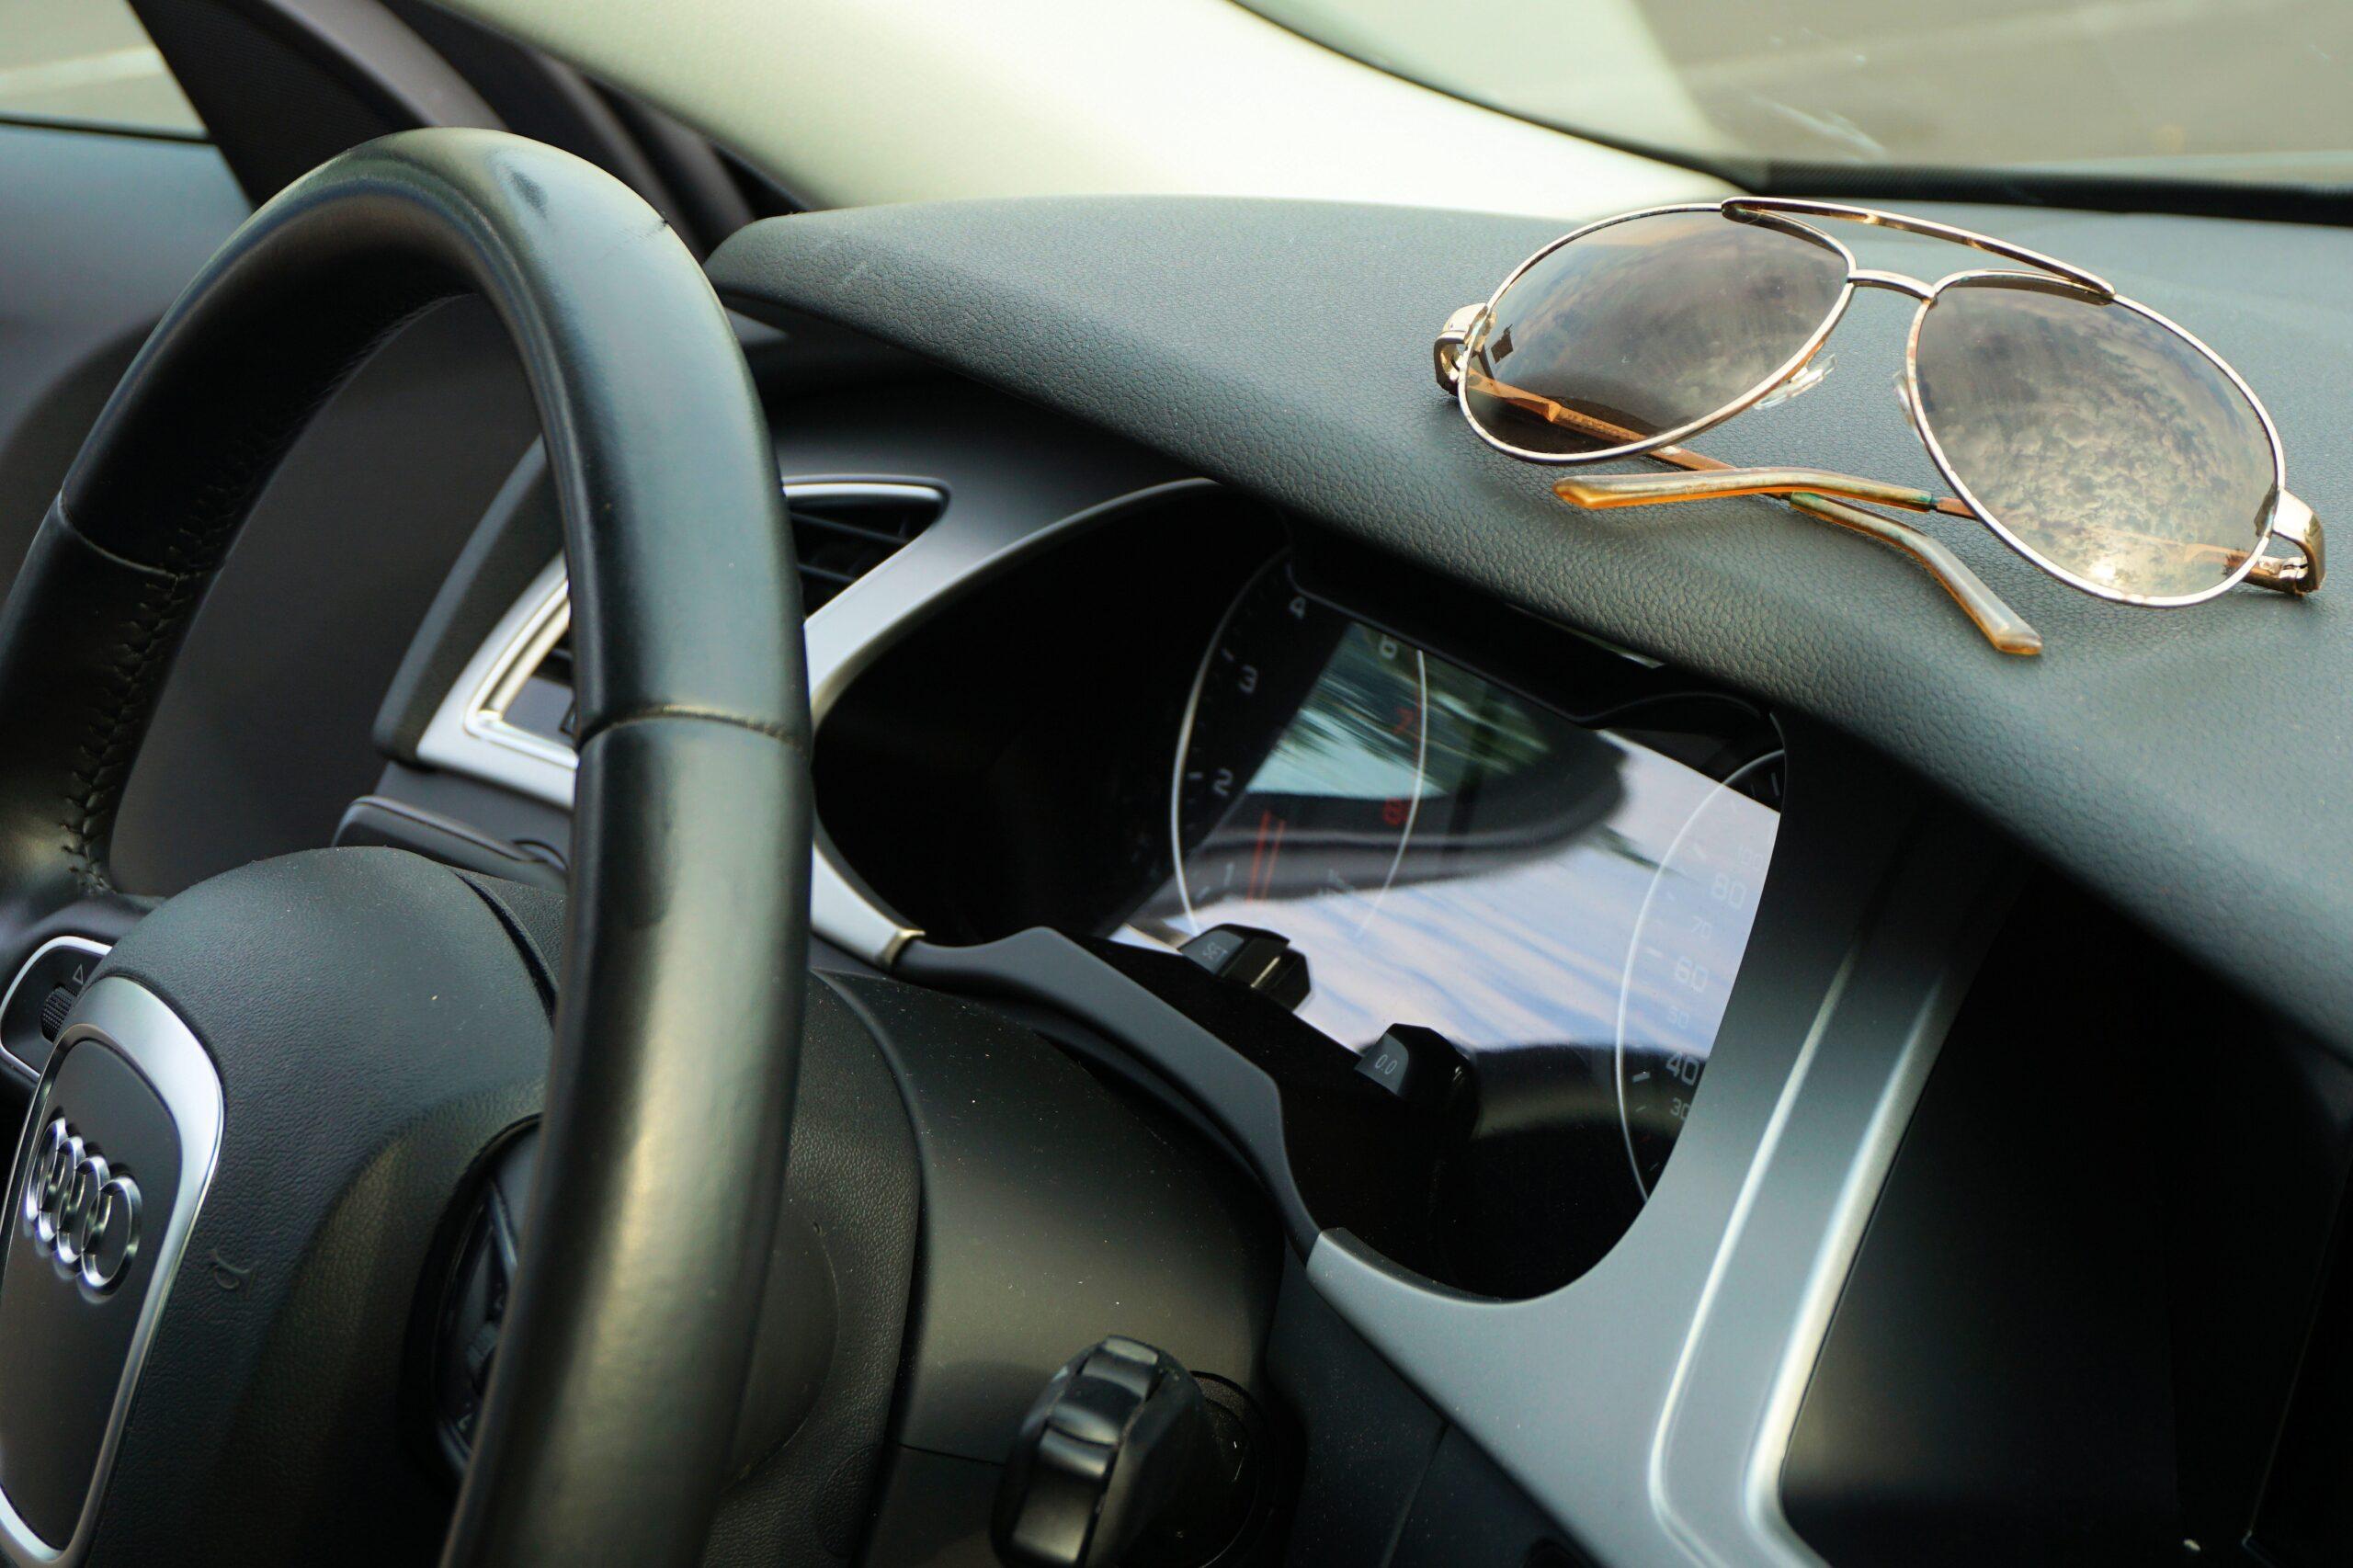 Óculos escuros sobre o painel do veículo. Imagem ilustrativa texto como desinfetar o volante do carro.